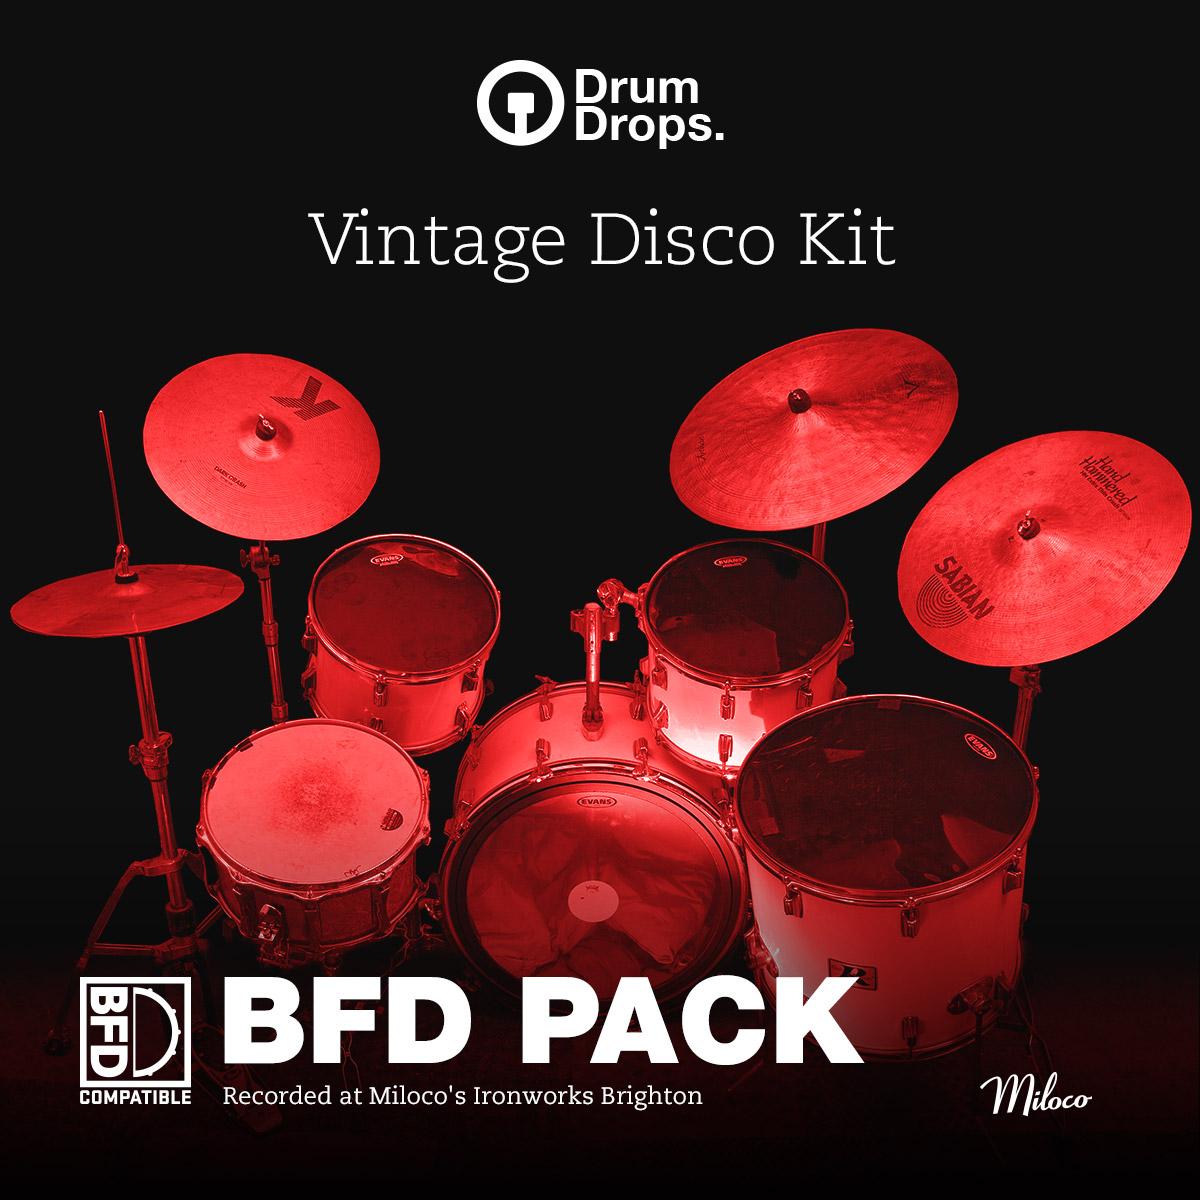 vintage disco kit - BFD pack